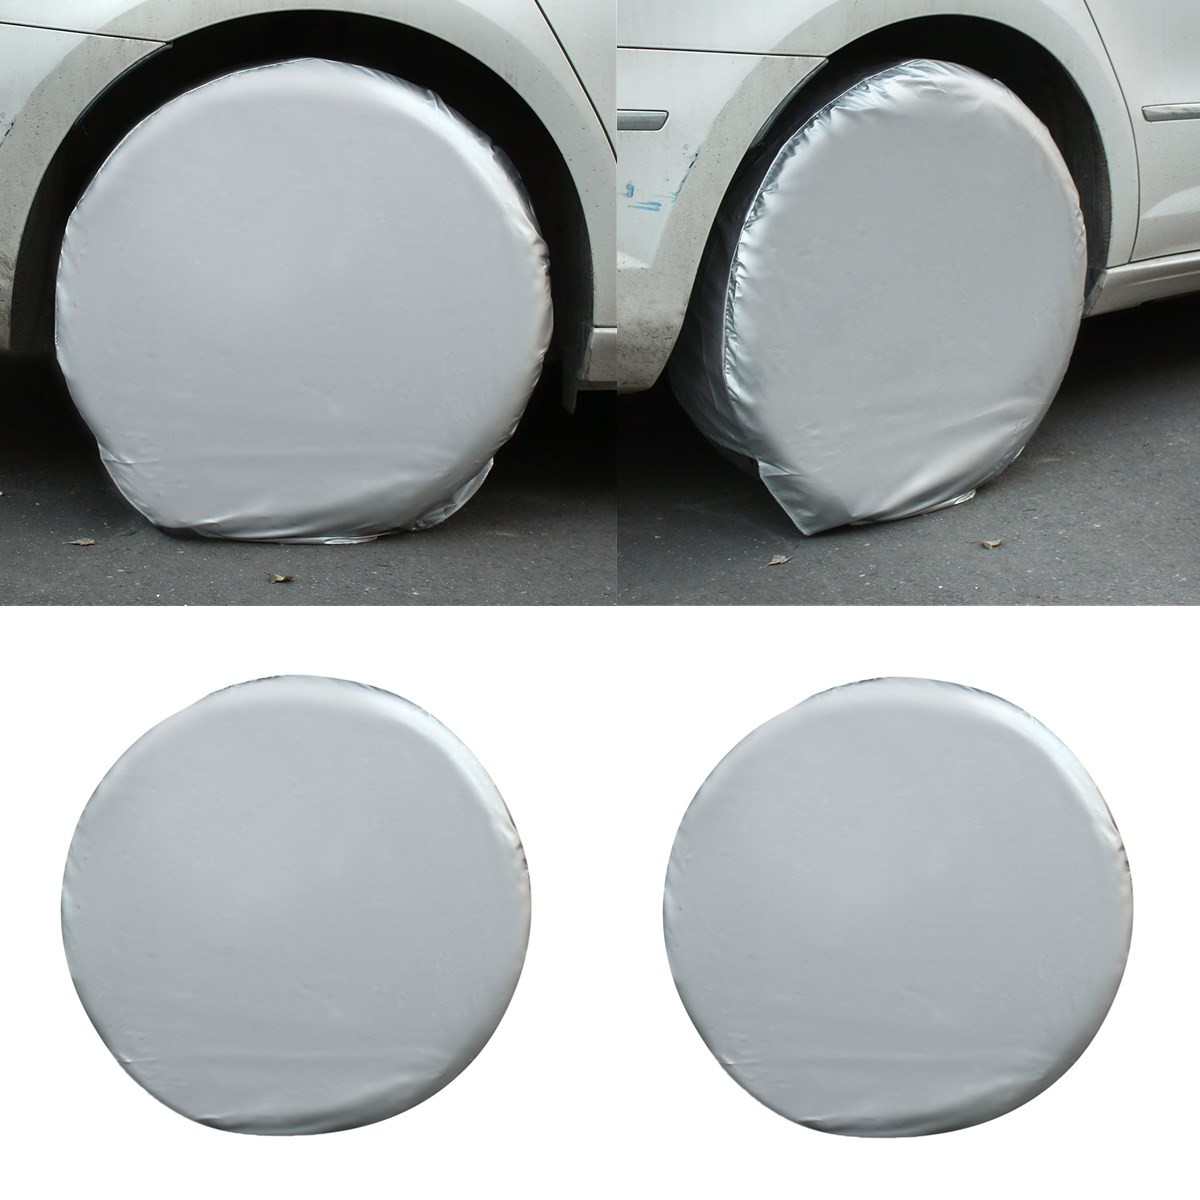 4 Teile/satz 27 ''-29'' Auto Auto Ersatzräder Reifen Abdeckung Schwere Auto Wasserdichte Reifenabdeckung für WOHNMOBILE Lkw-anhänger Wohnmobil